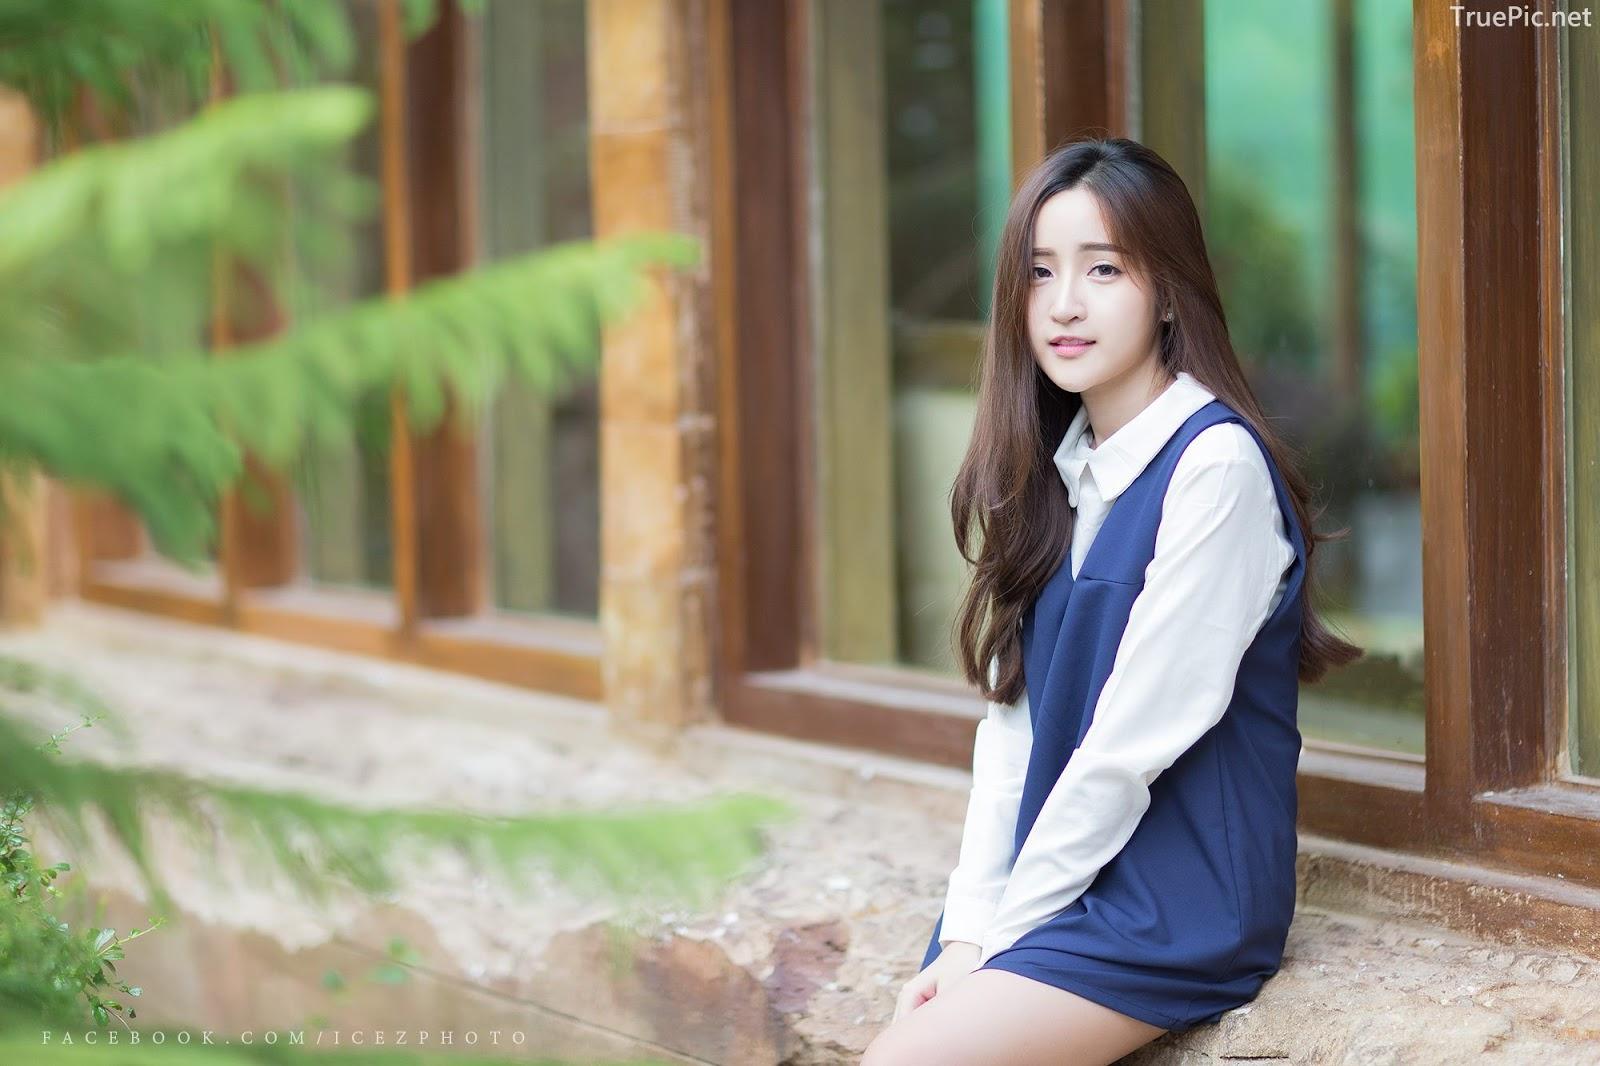 Thailand Hot Girl - Thanyarat Charoenpornkittada - Welcome to my world - TruePic.net - Picture 1